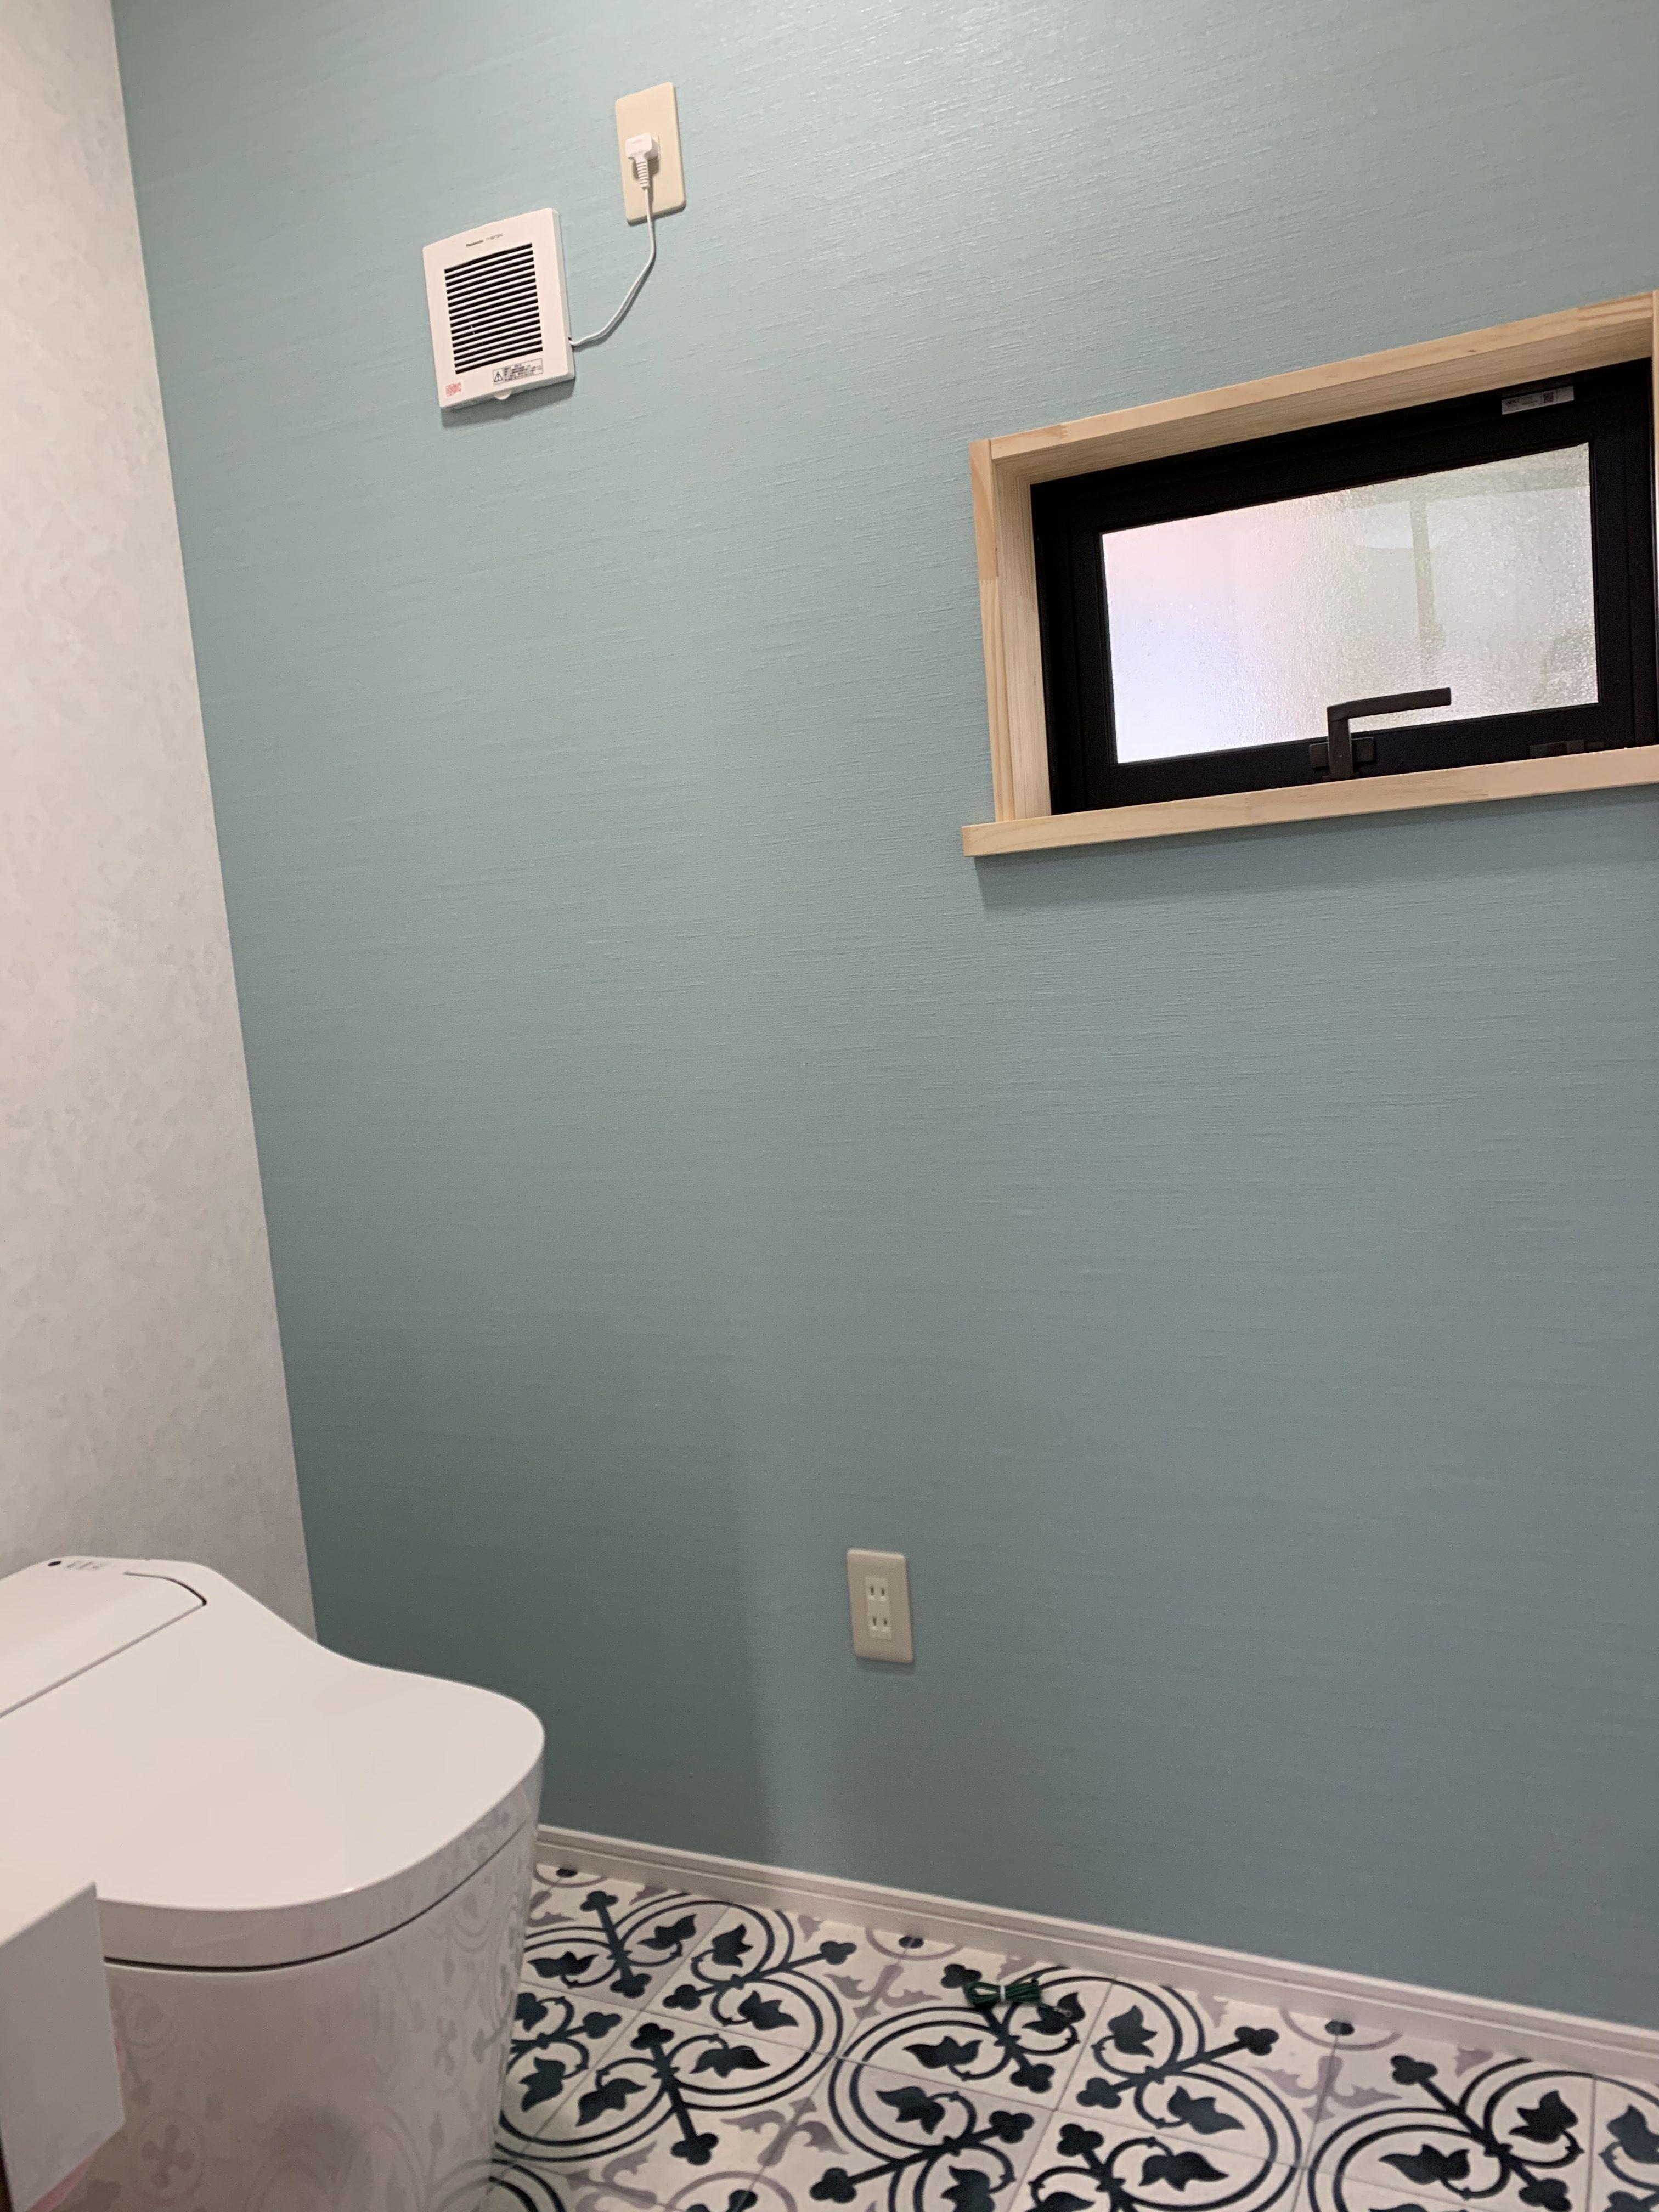 念願のトイレ! しかも泡洗浄機能付き